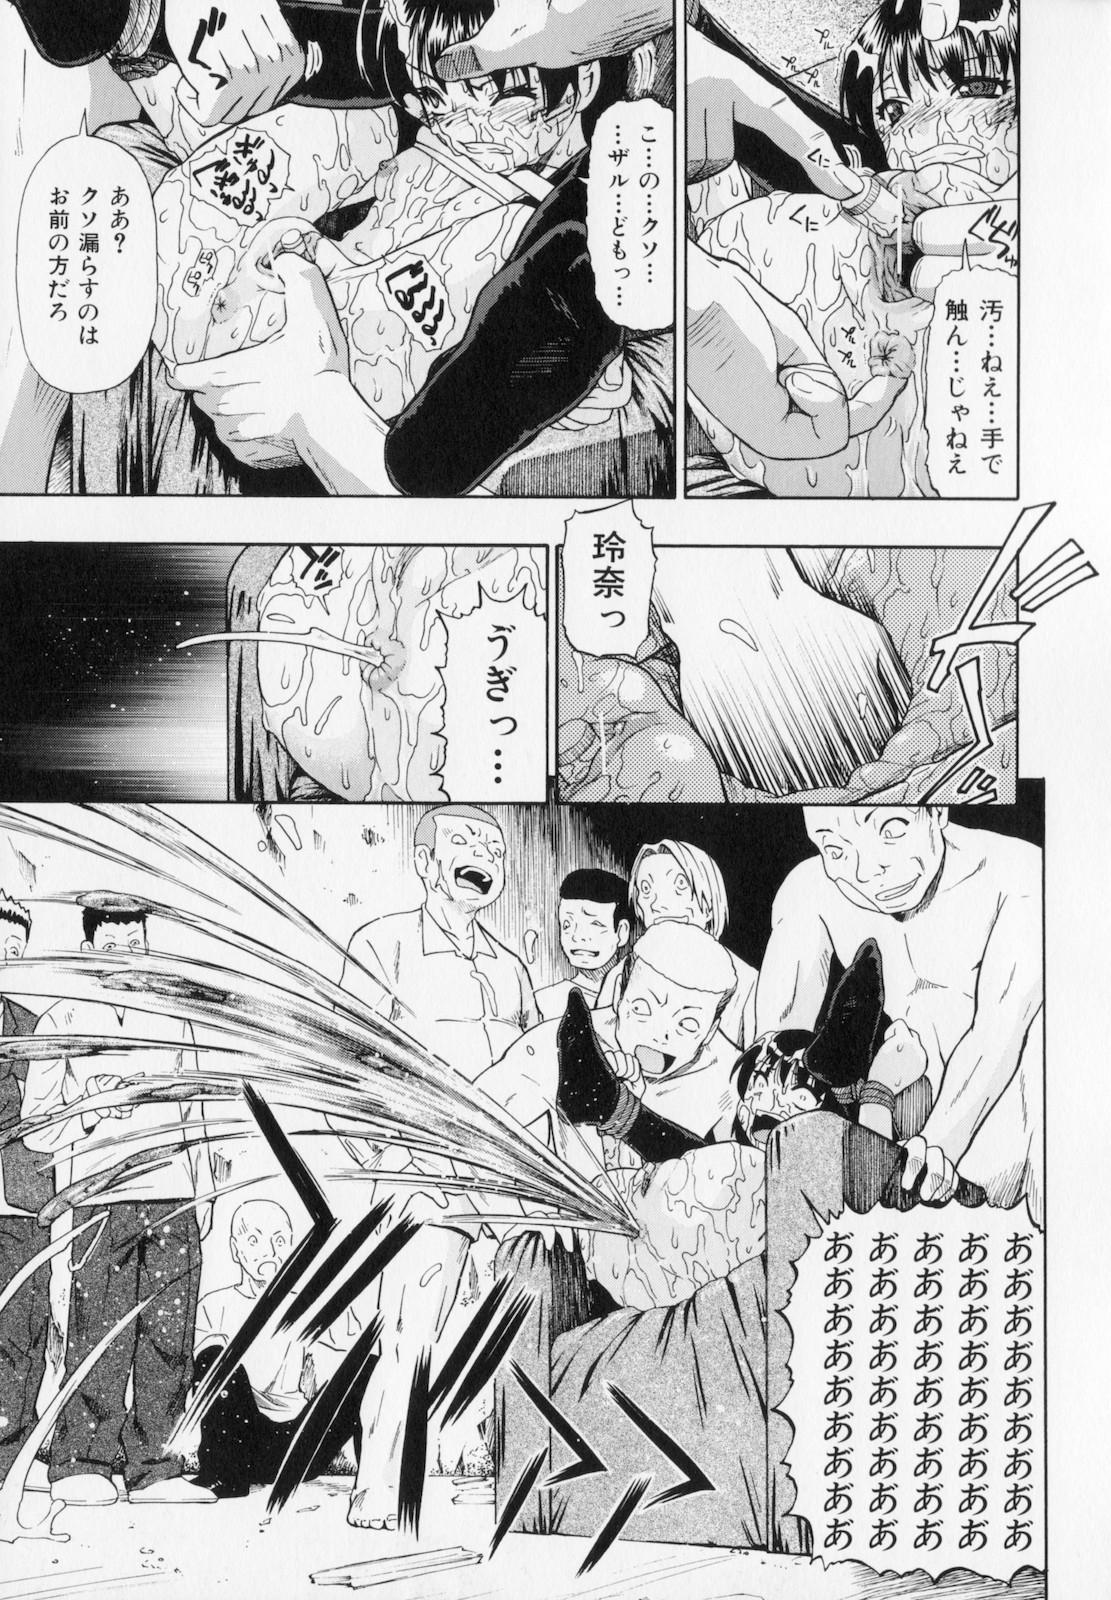 Hitodenashi no Utage - Veranstaltungsräume von Brute 54